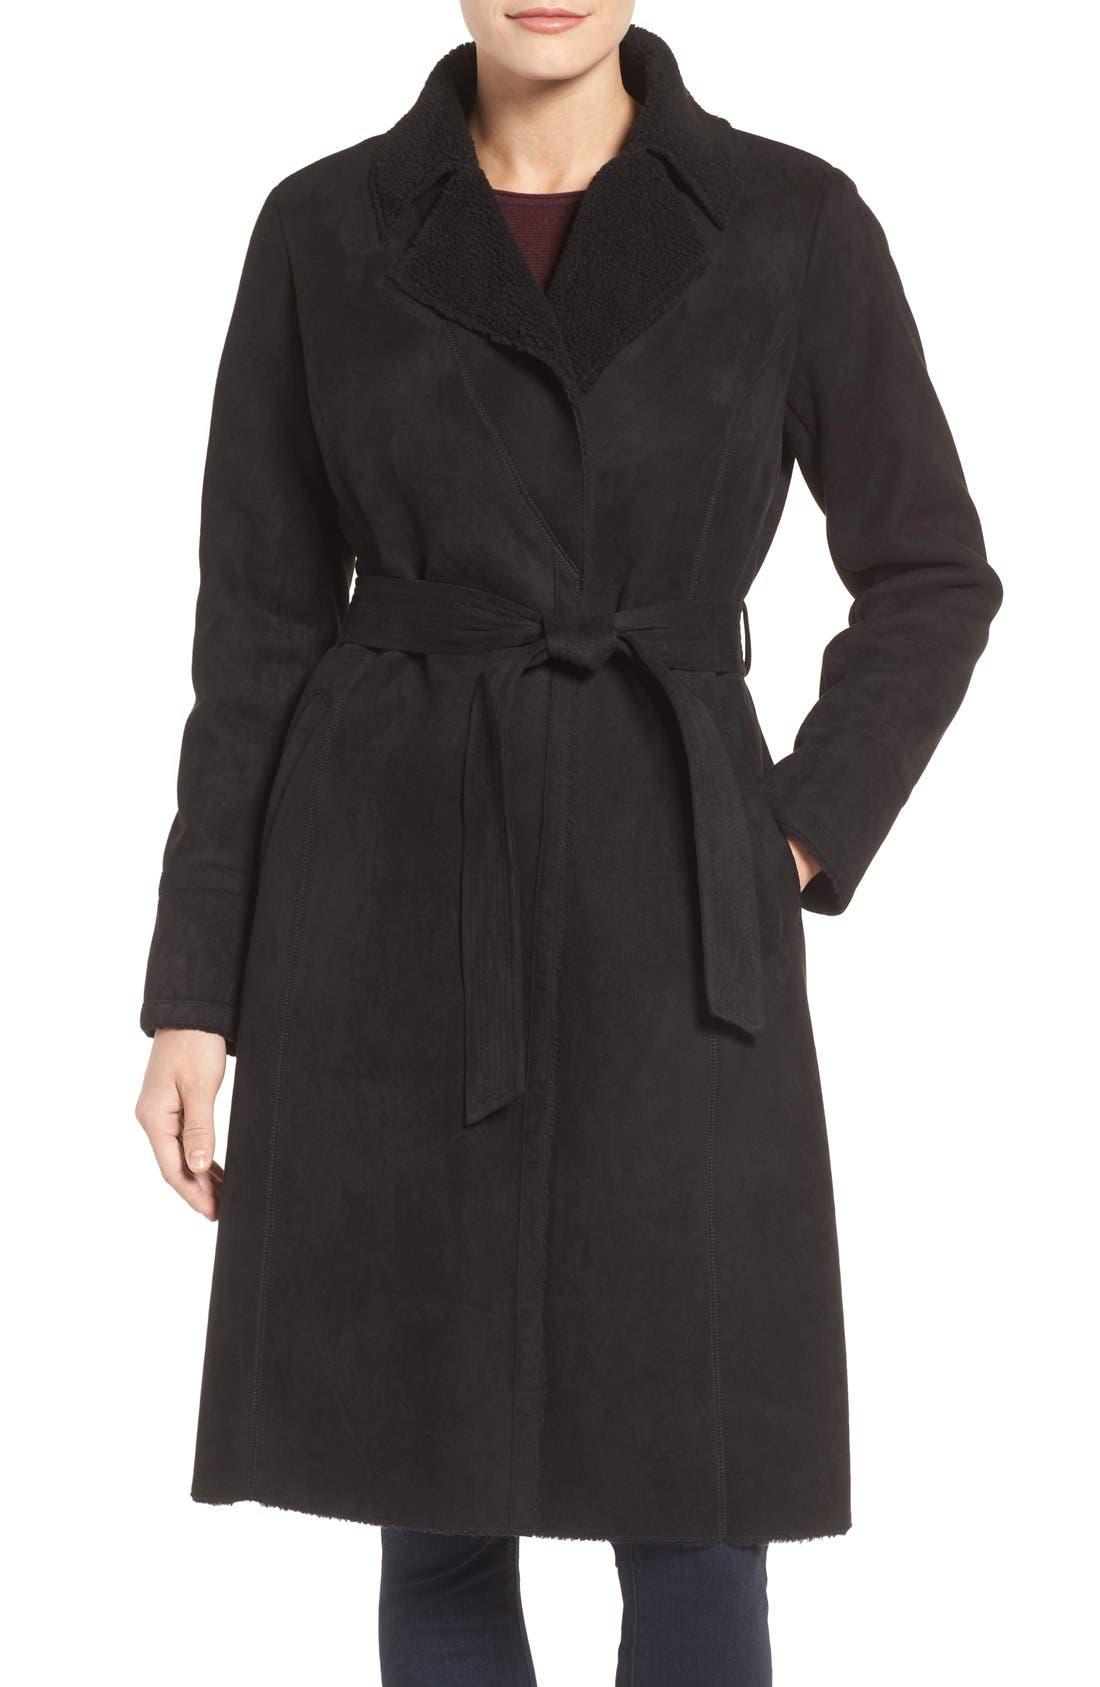 Main Image - Eliza J Faux Shearling Wrap Trench Coat